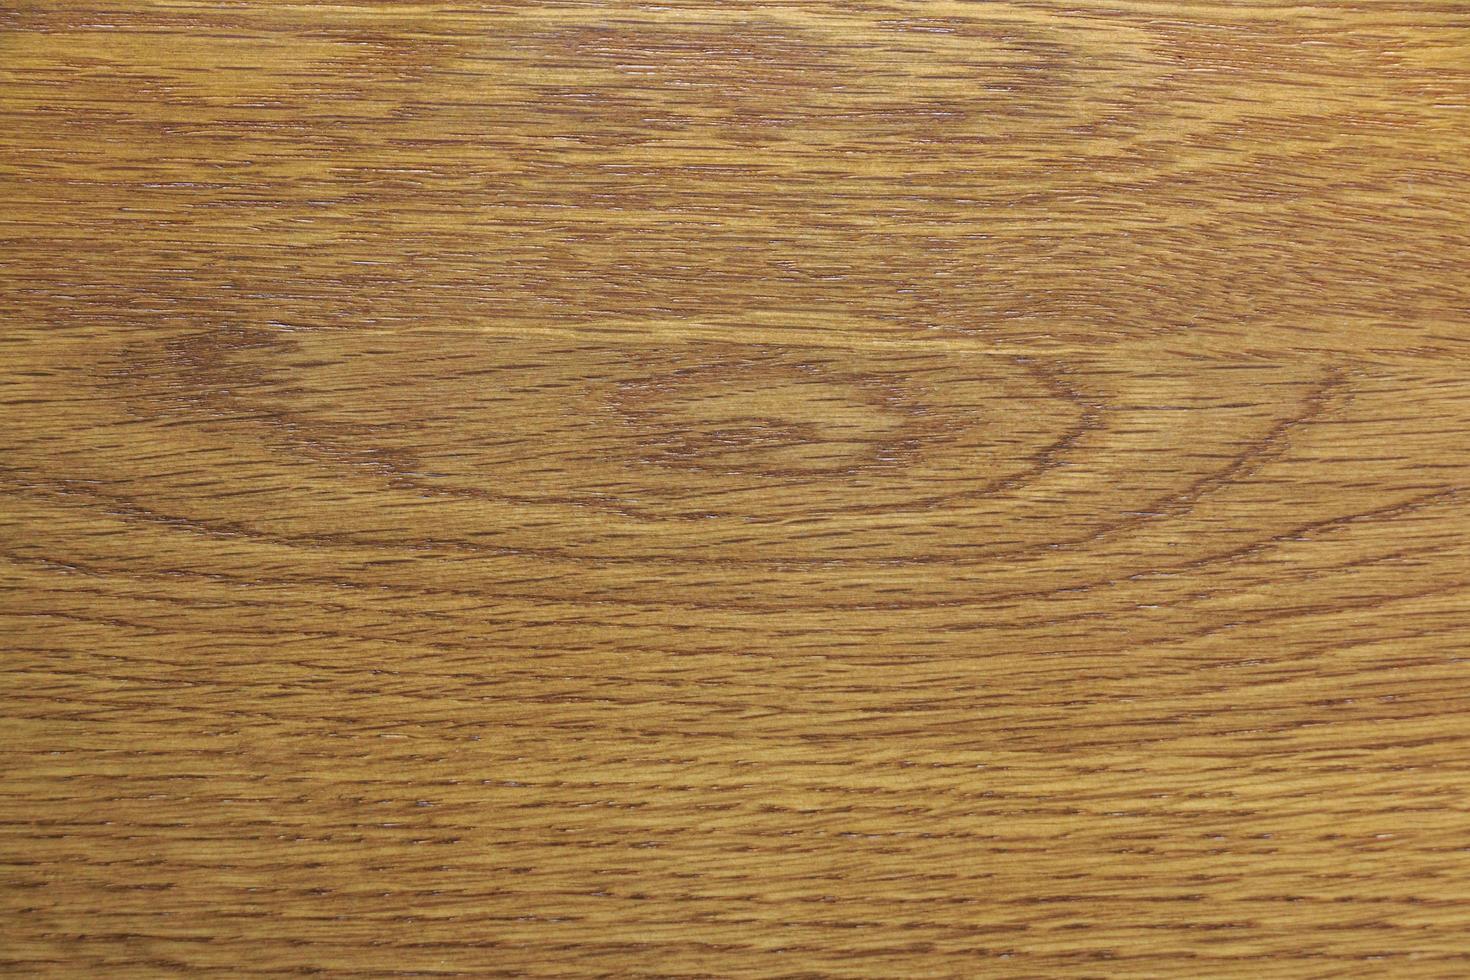 brauner Holzhintergrund foto